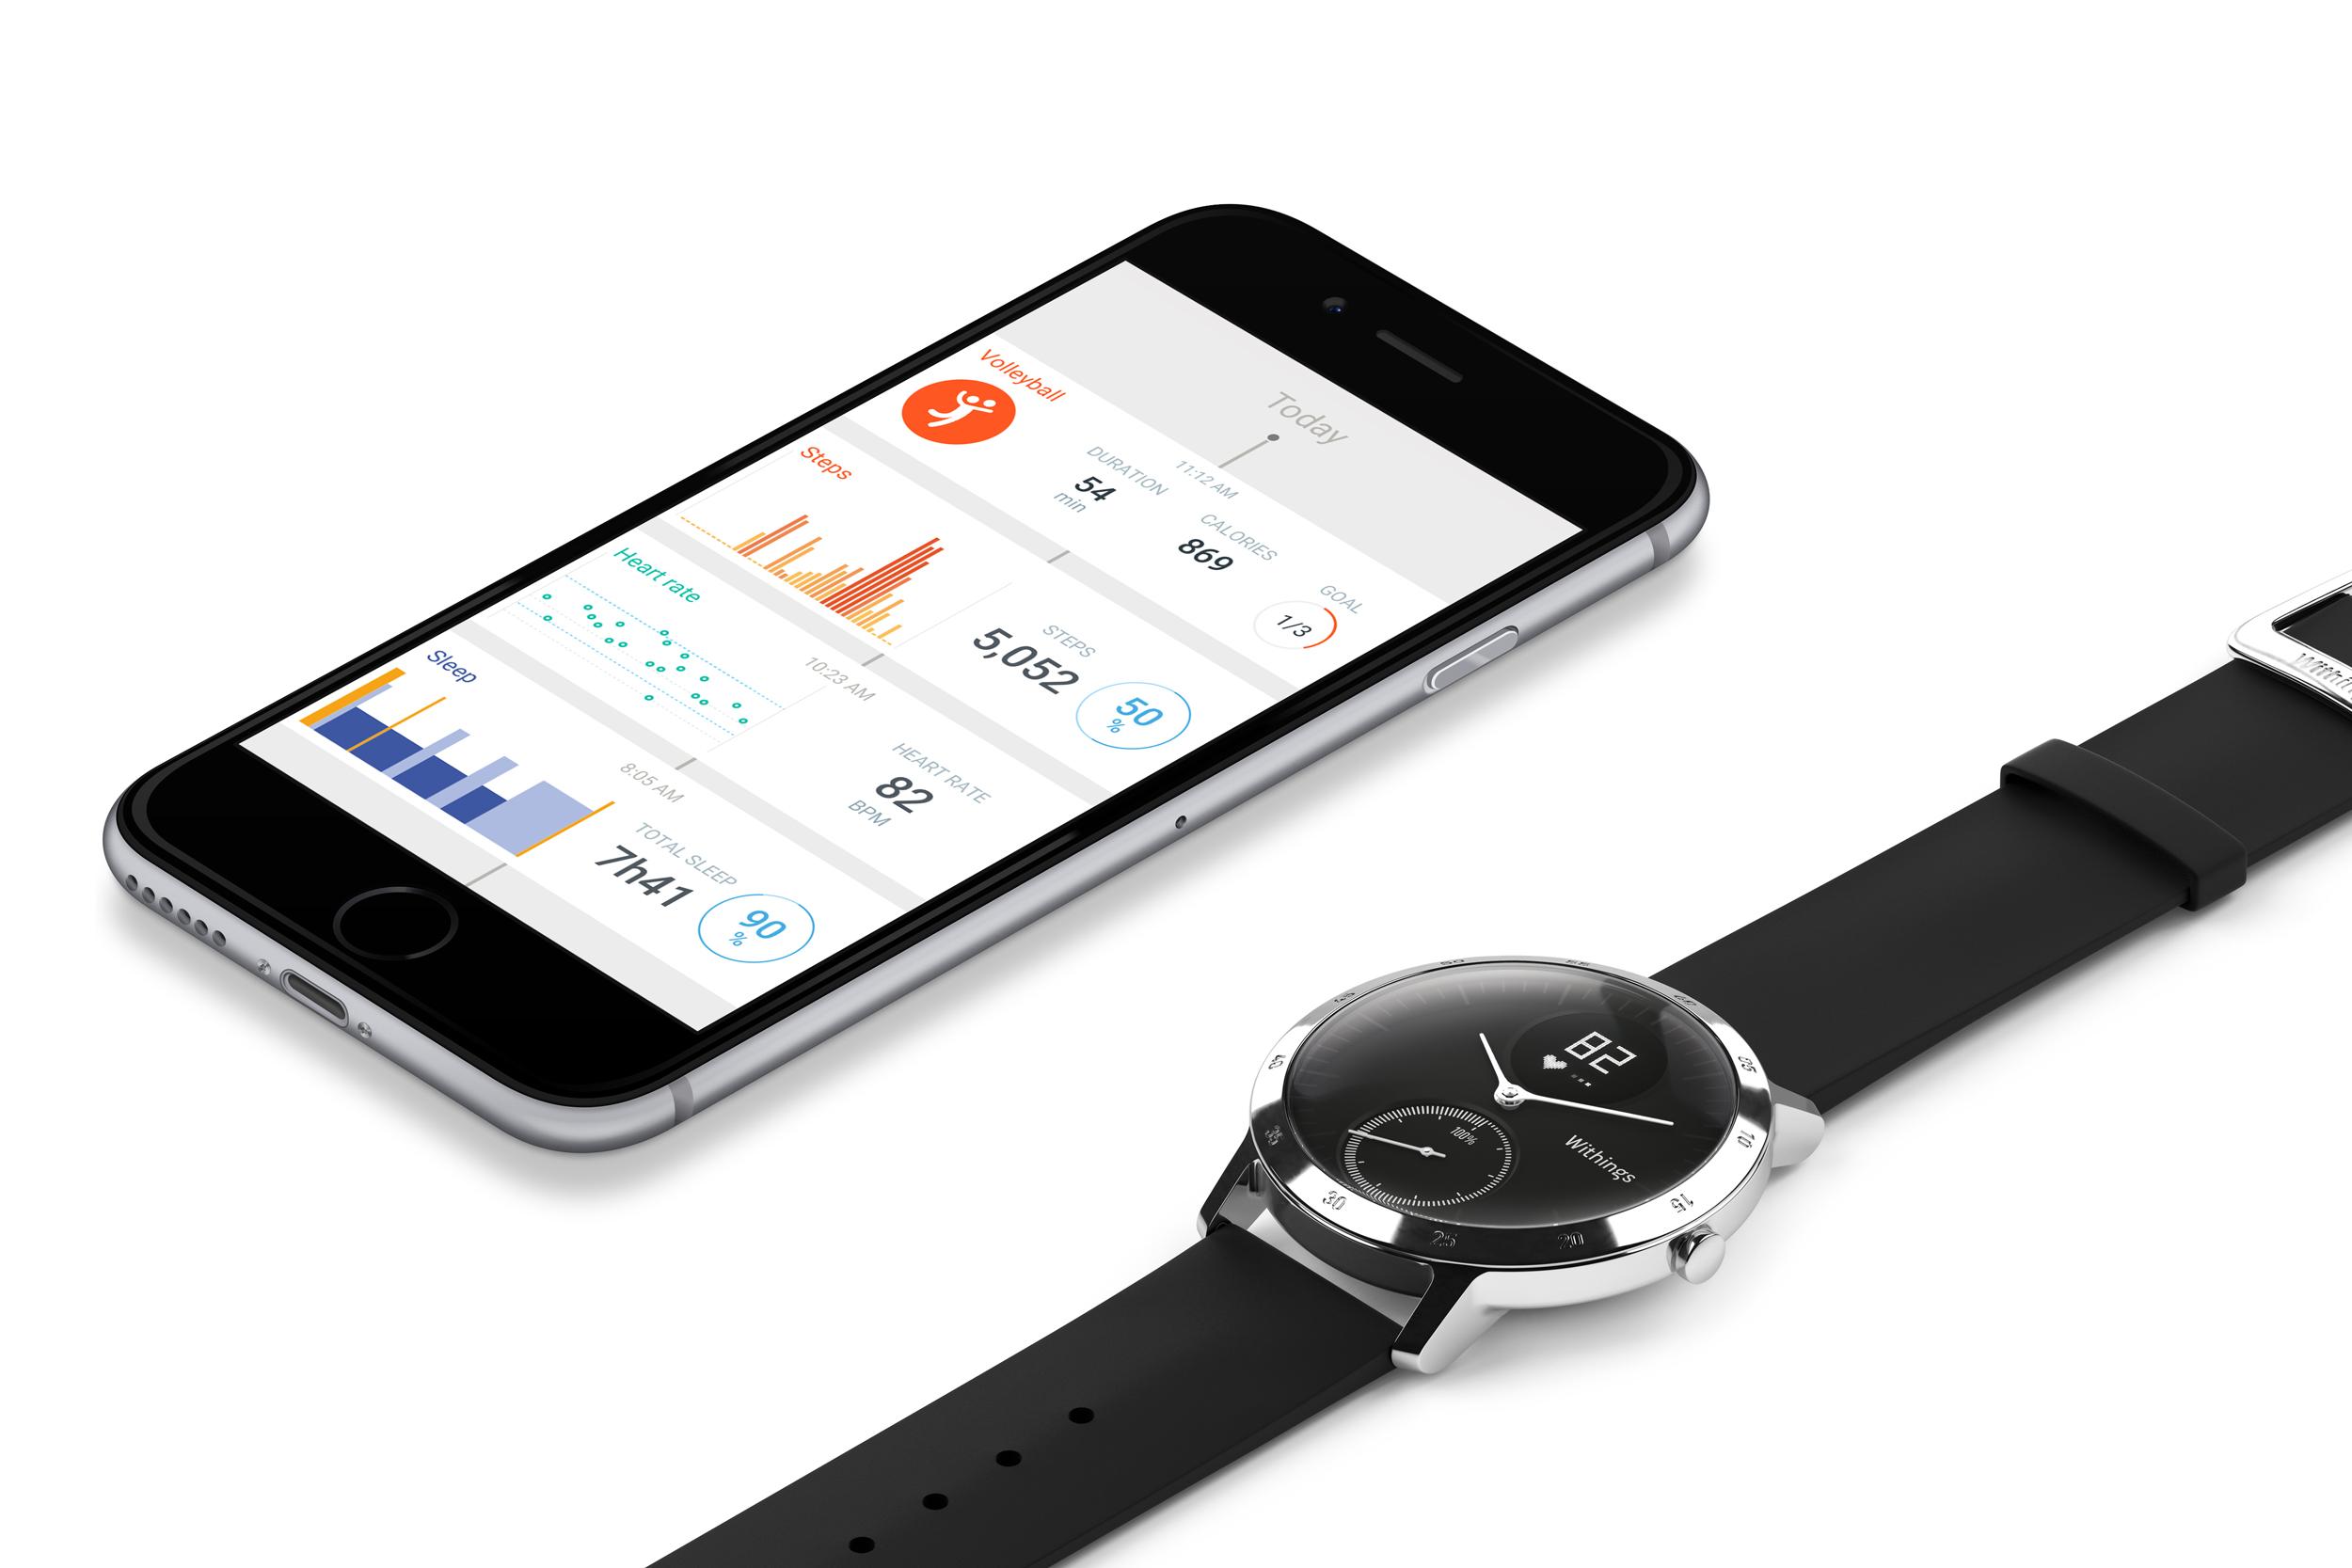 Hodinky Steel HR komunikují bezdrátově s mobilní aplikací